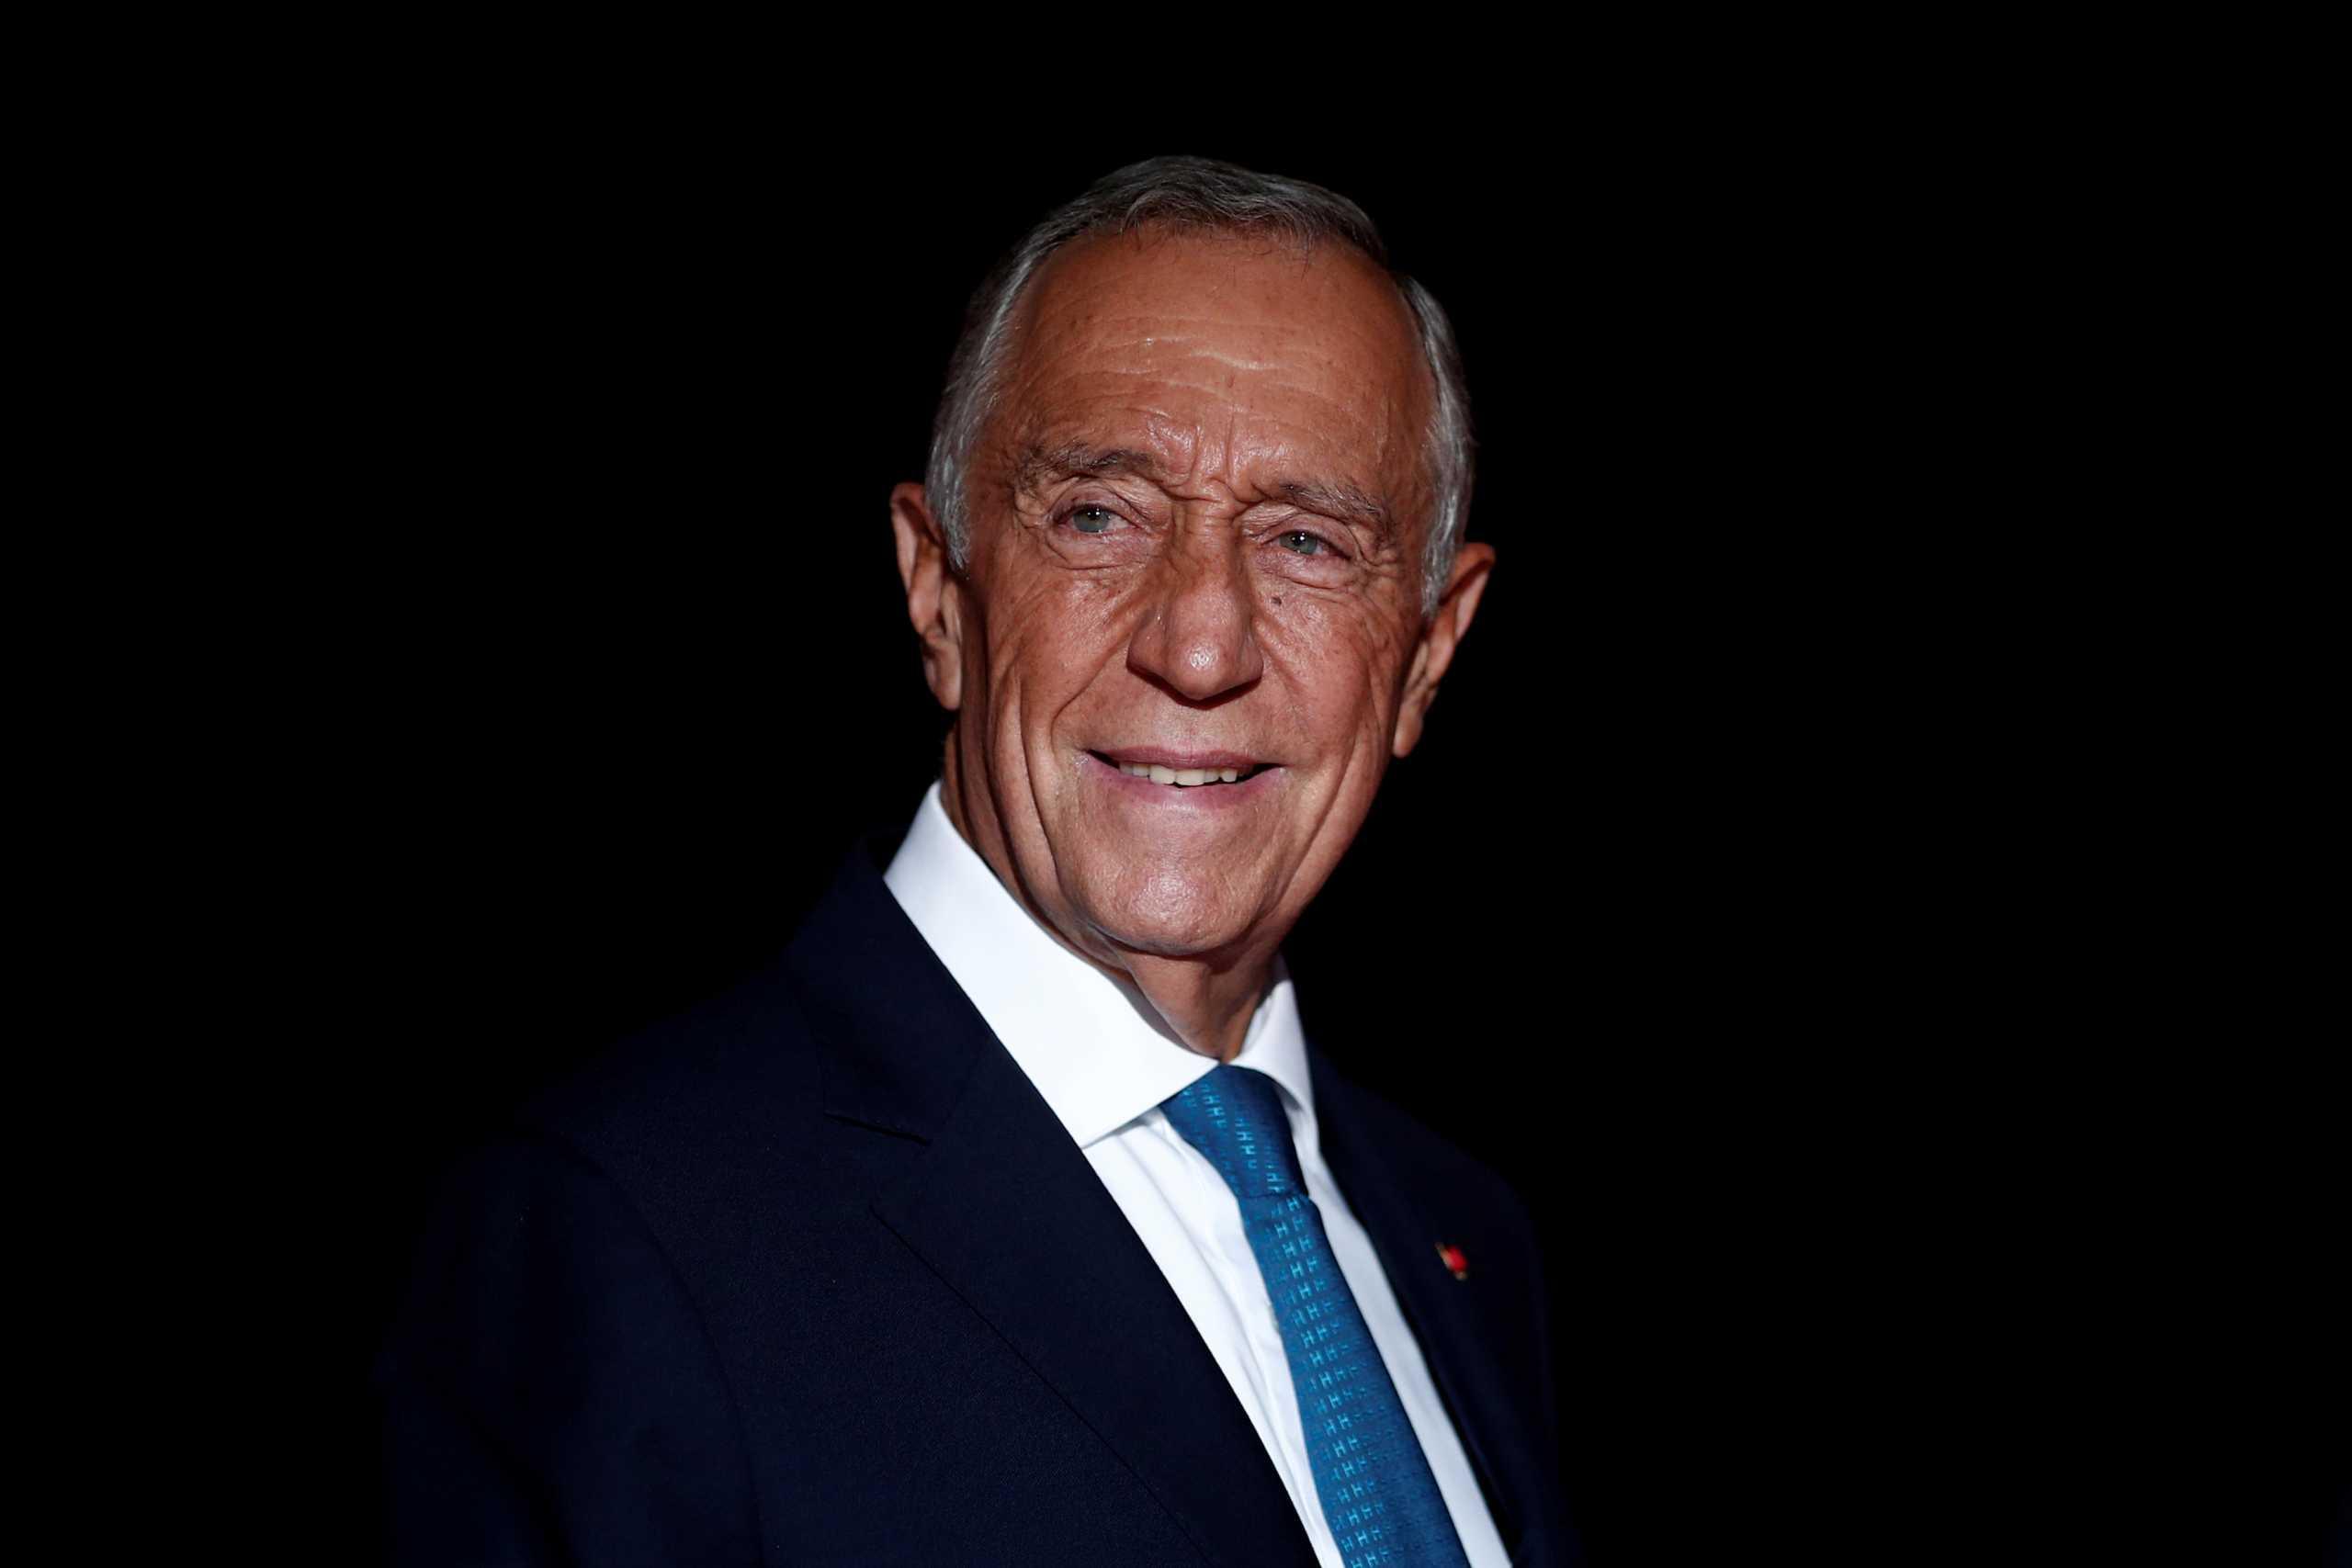 Θετικός στον κορονοϊό ο πρόεδρος της Πορτογαλίας